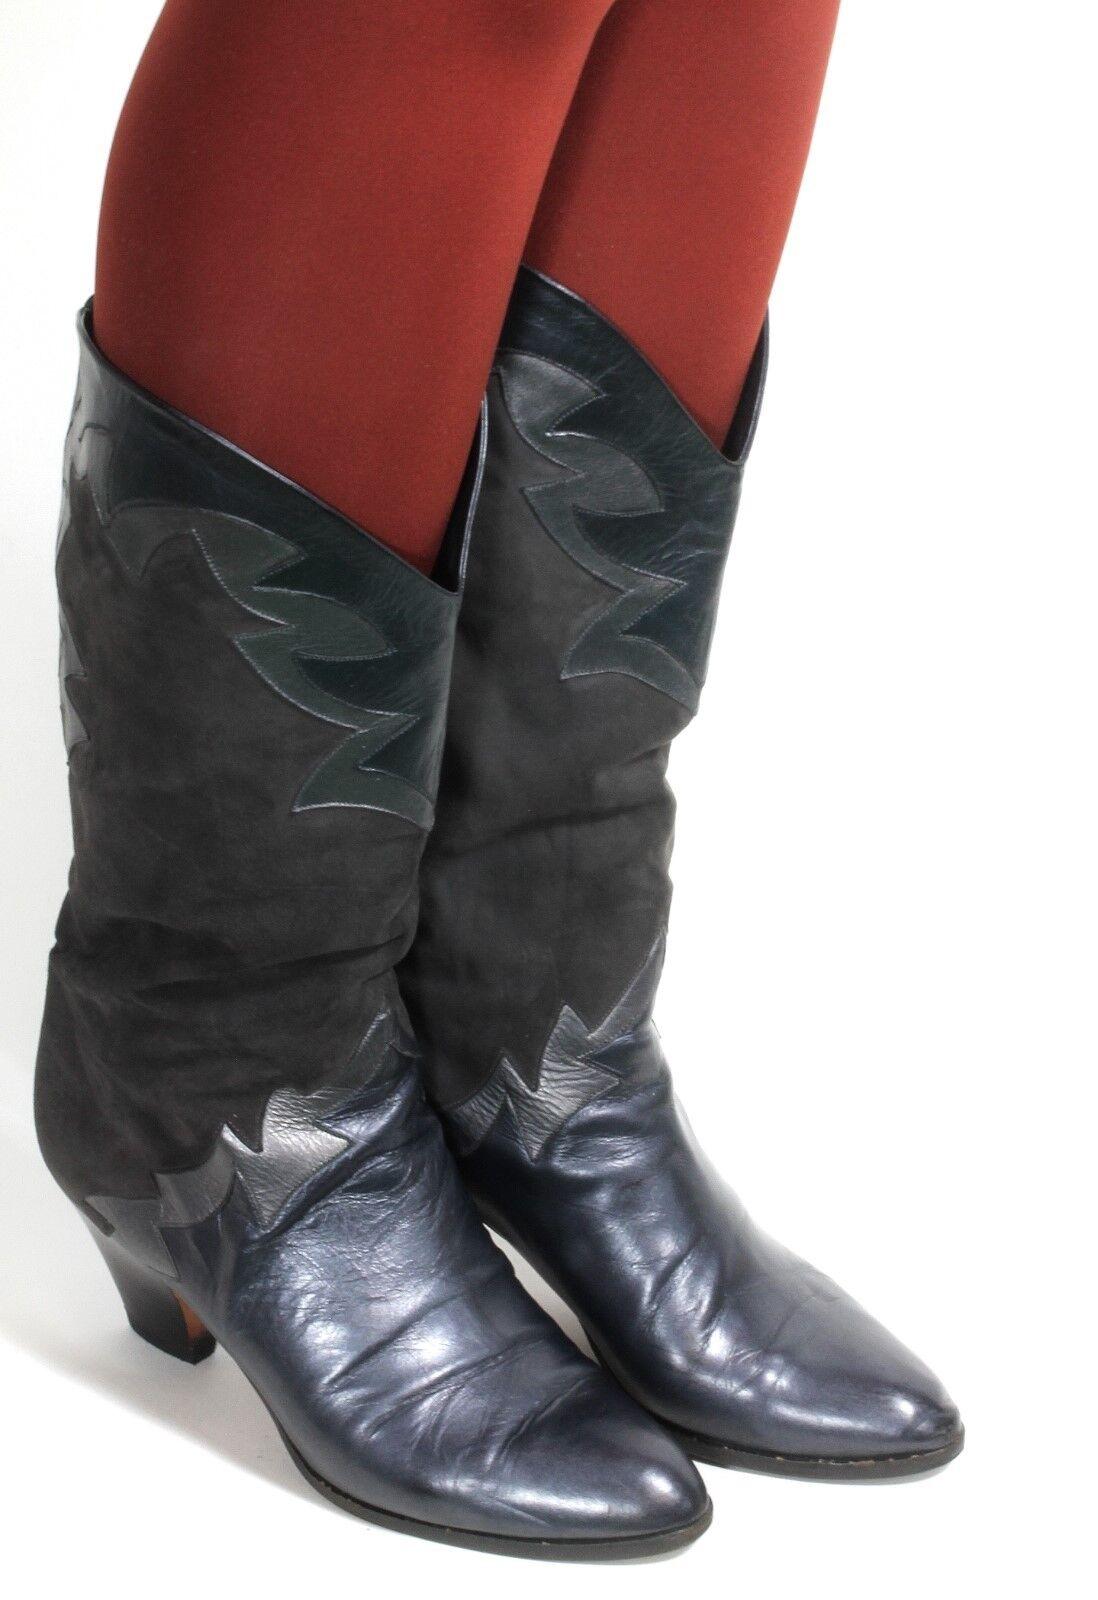 Leder Vintage Stiefel Blogger Metallic Damenstiefel Hipster Caravelle 37,5 - 38